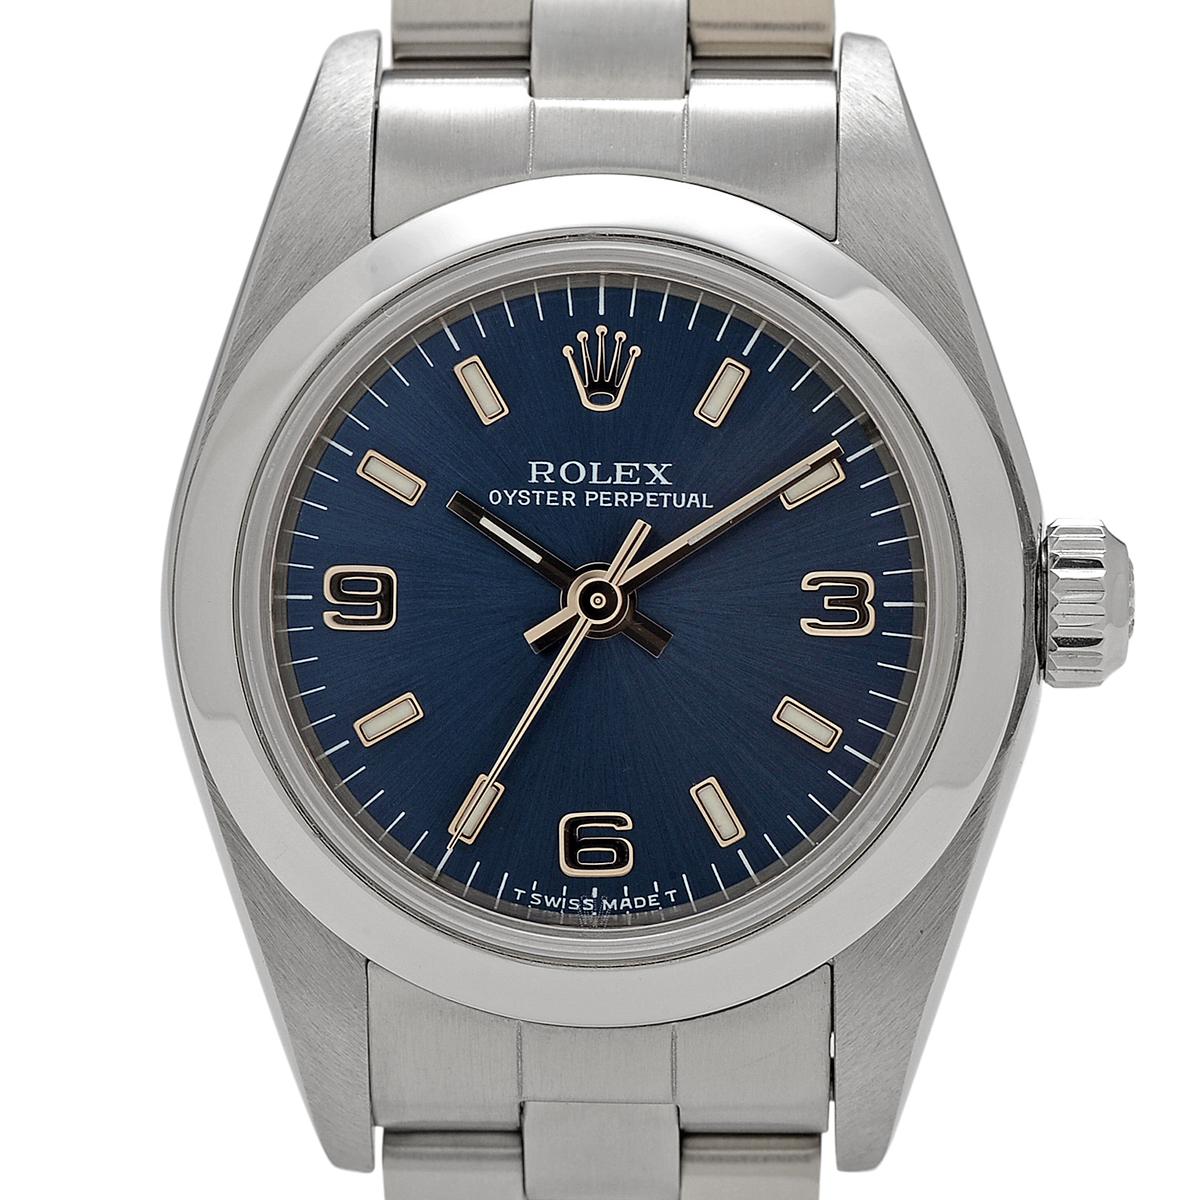 ロレックス ROLEX オイスターパーペチュアル 76080 腕時計 SS 自動巻き ブルー レディース 【中古】